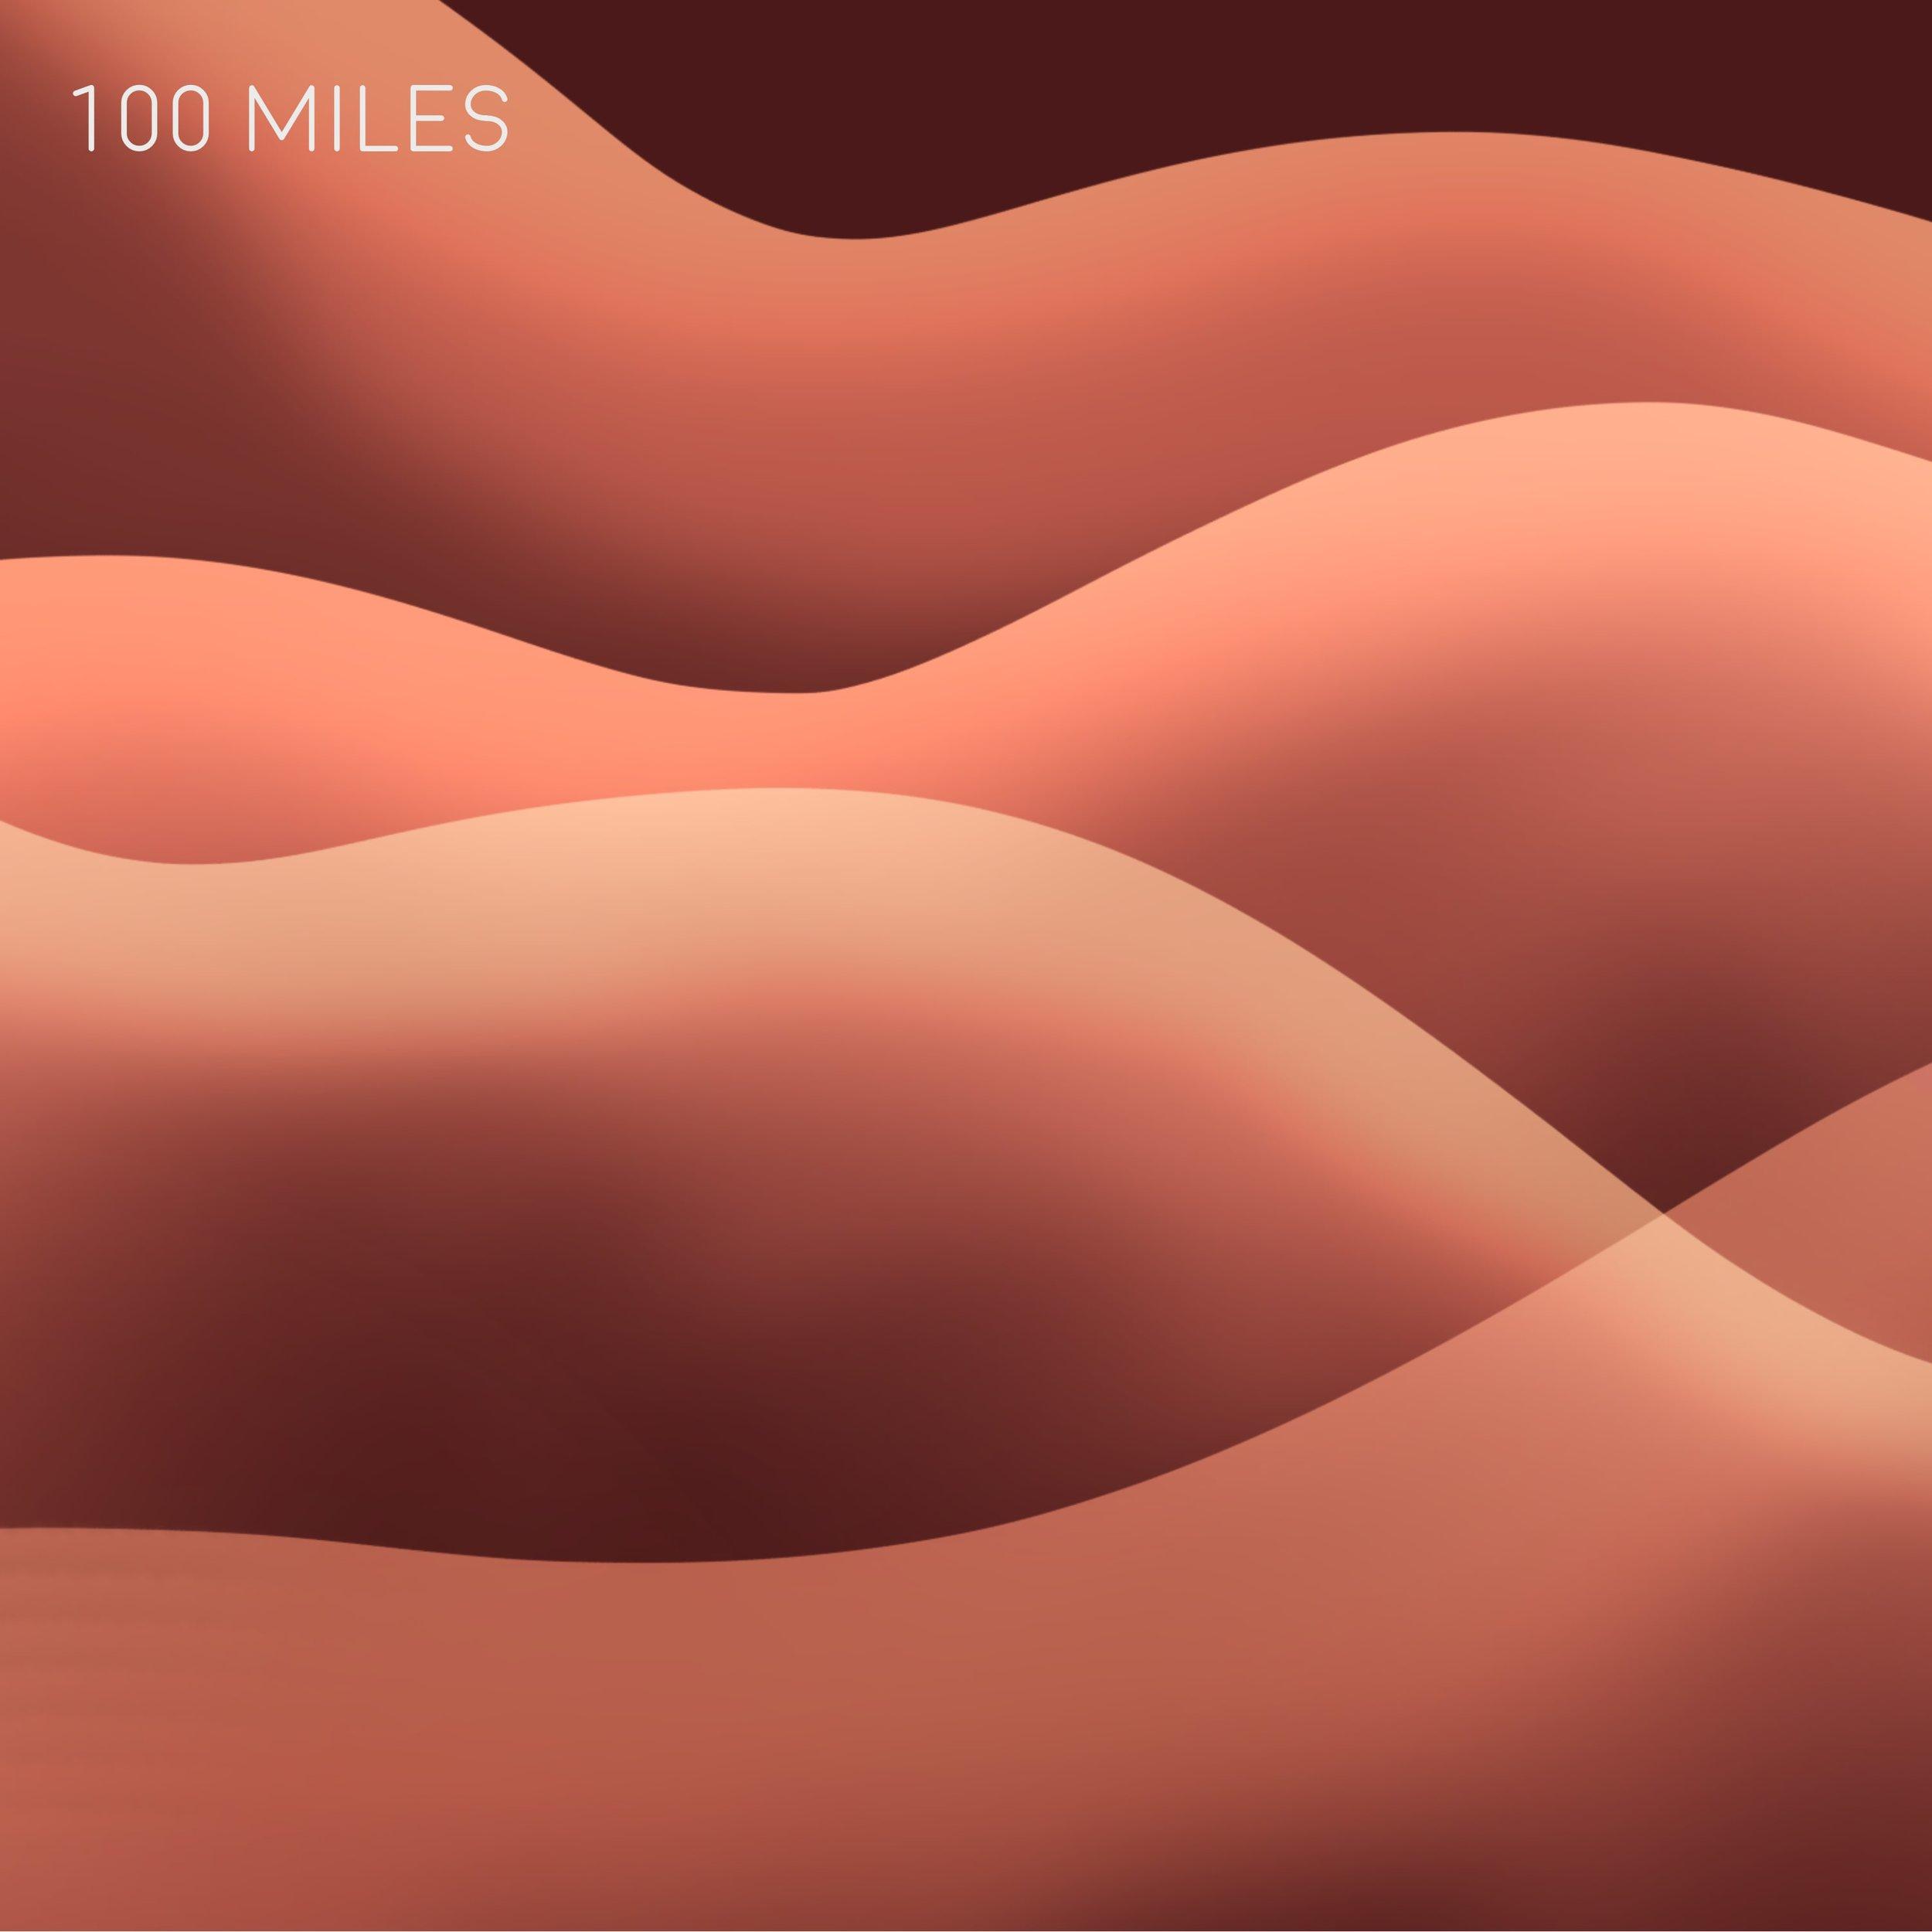 100 miles cover art.jpg